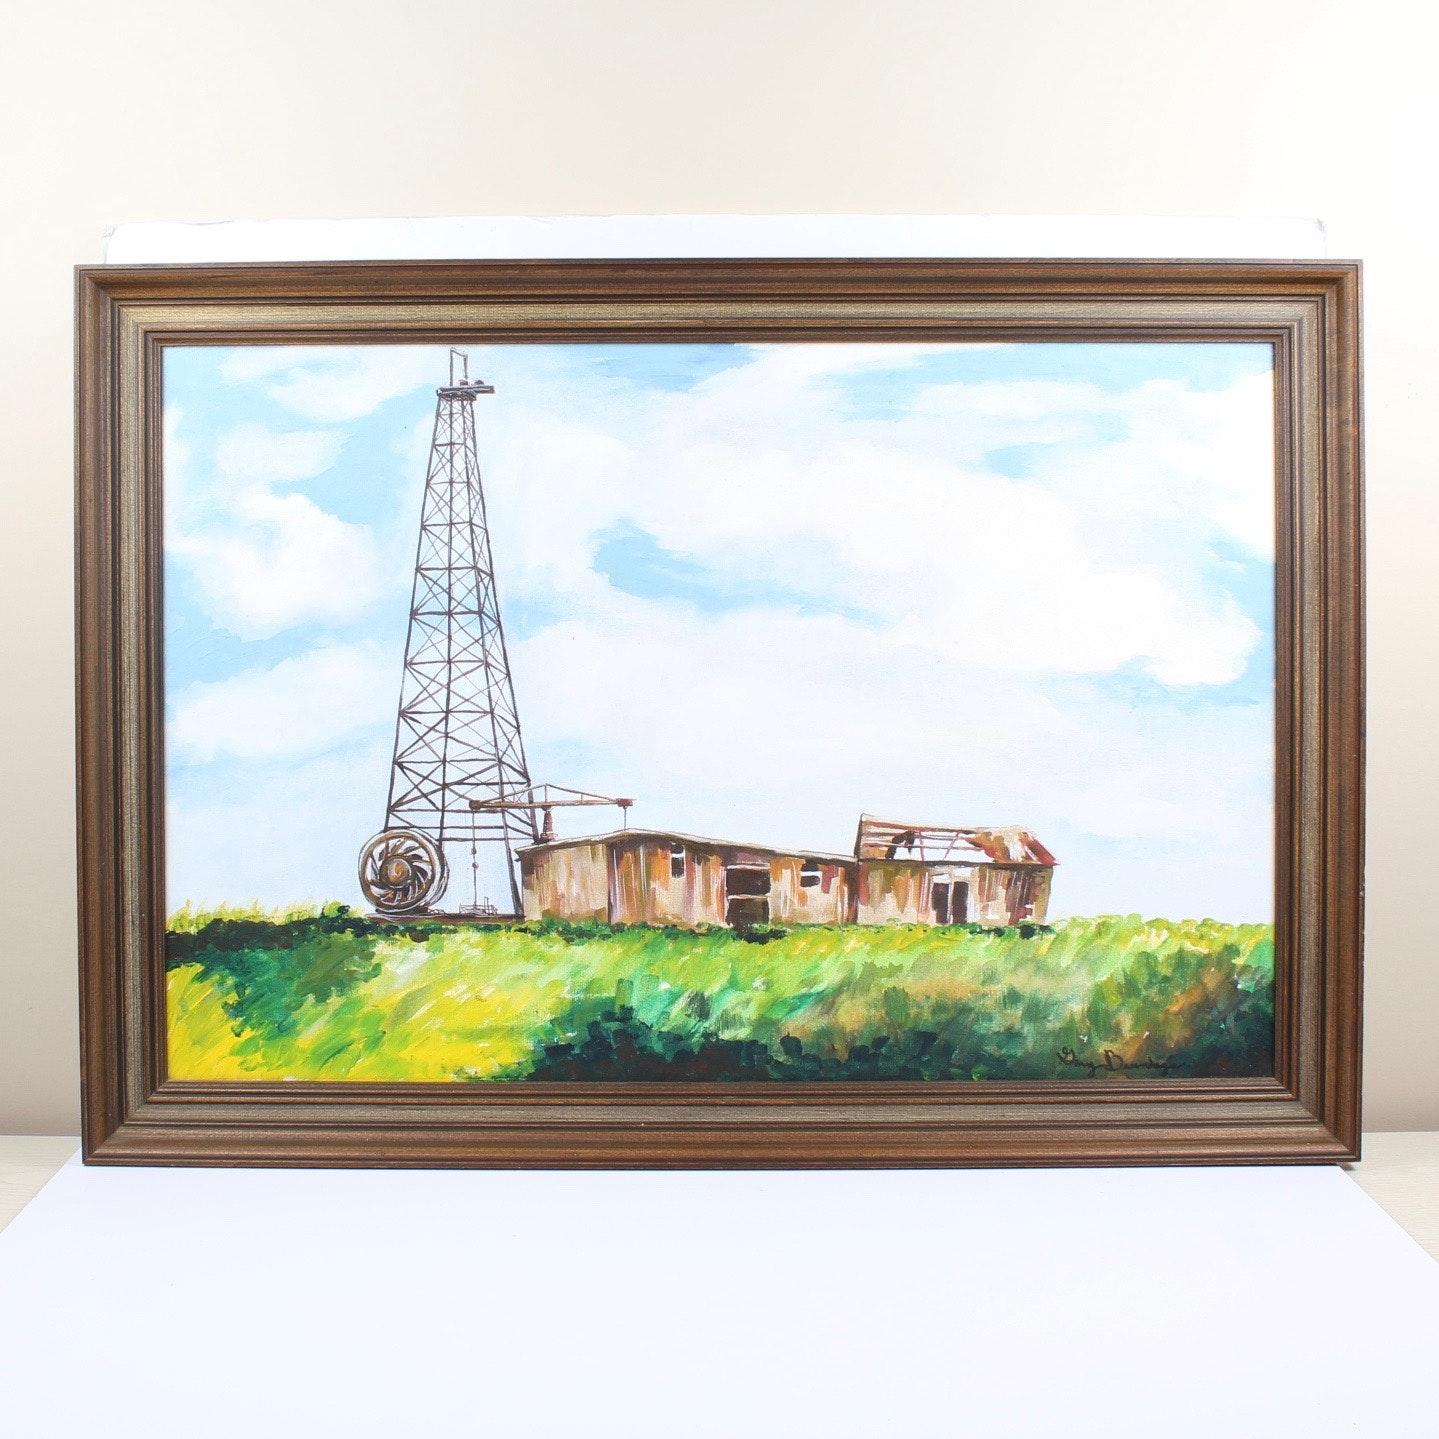 Gary Brundage Original Acrylic Landscape Painting on Canvas